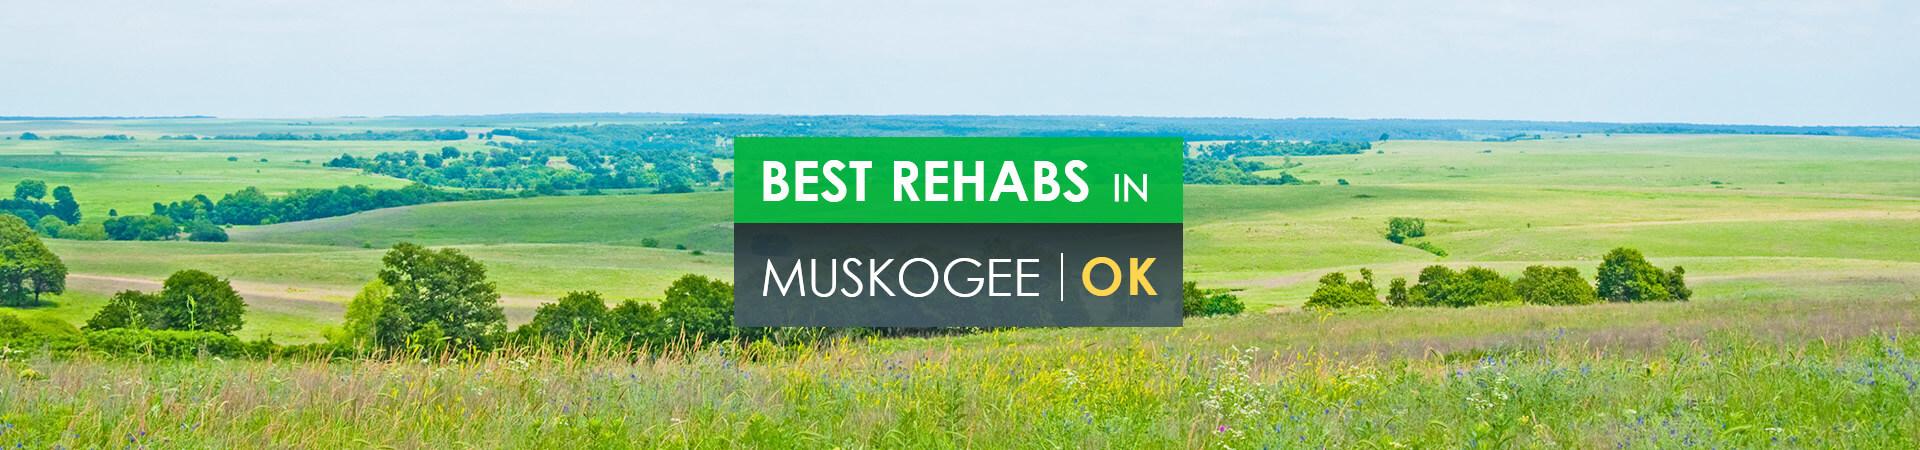 Best rehabs in Muskogee, OK